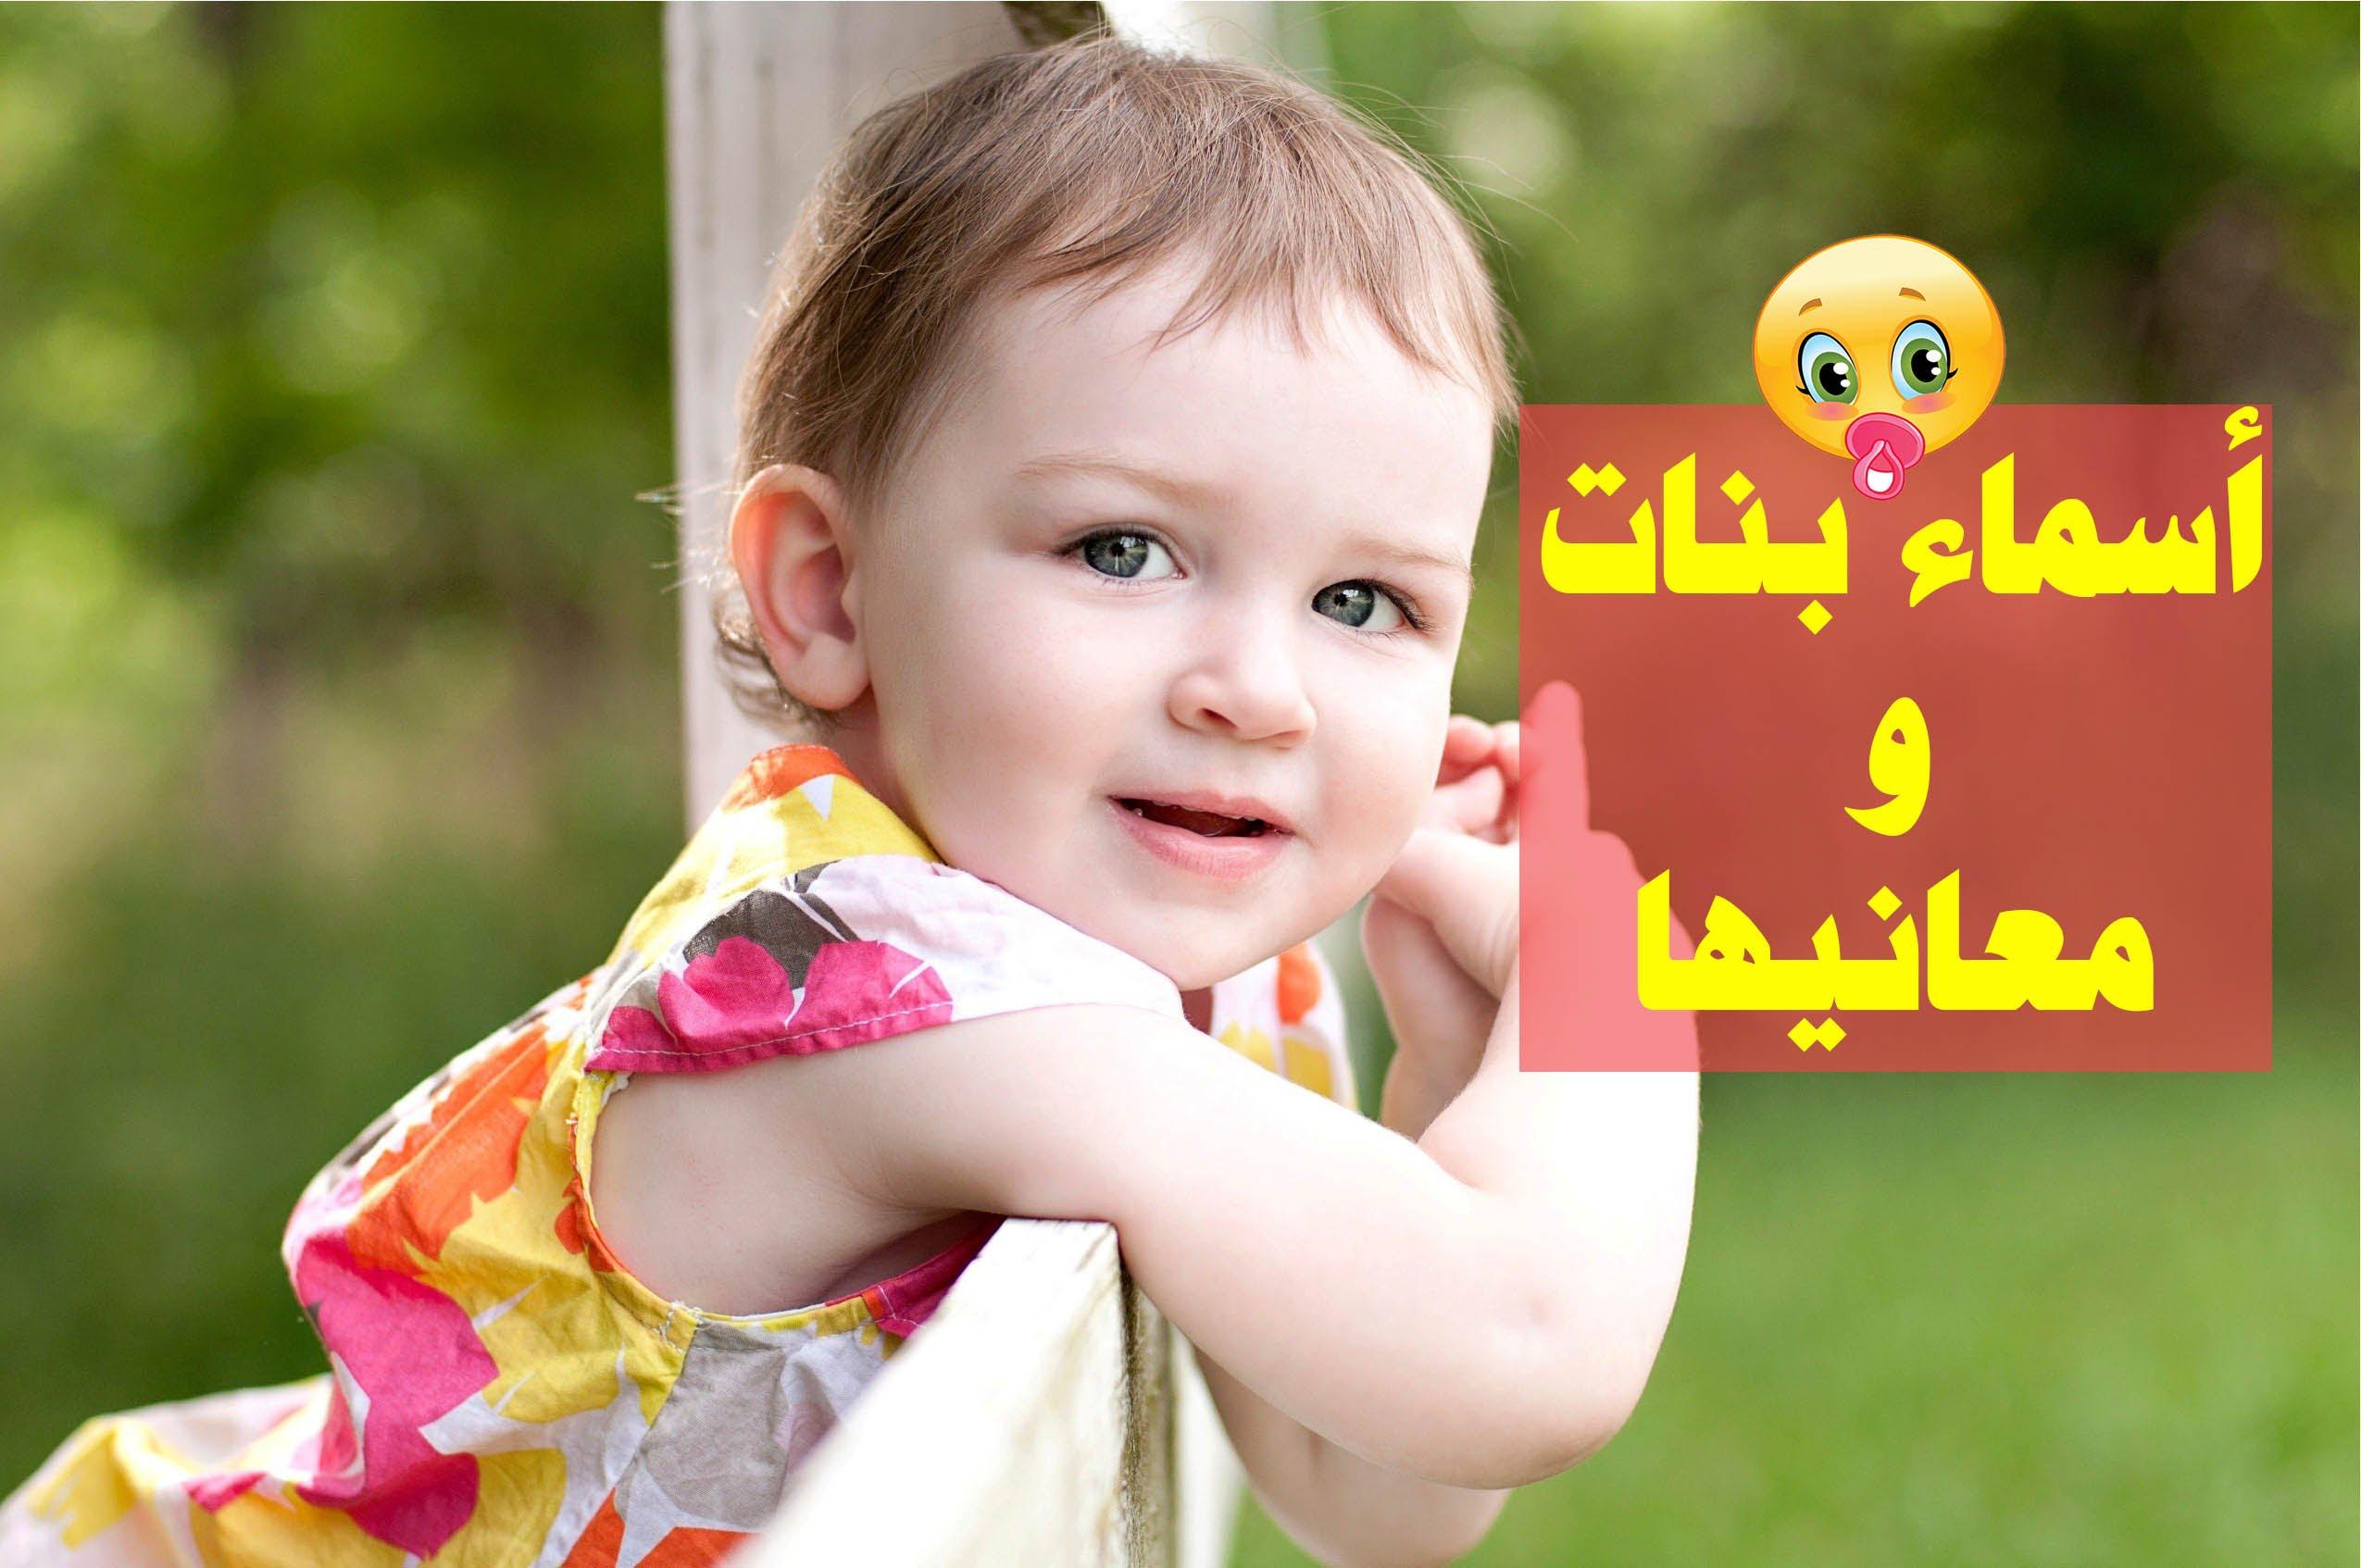 صورة اجمل اسامي البنات , تعرف على اغرب اسماء بنات ومعانيها